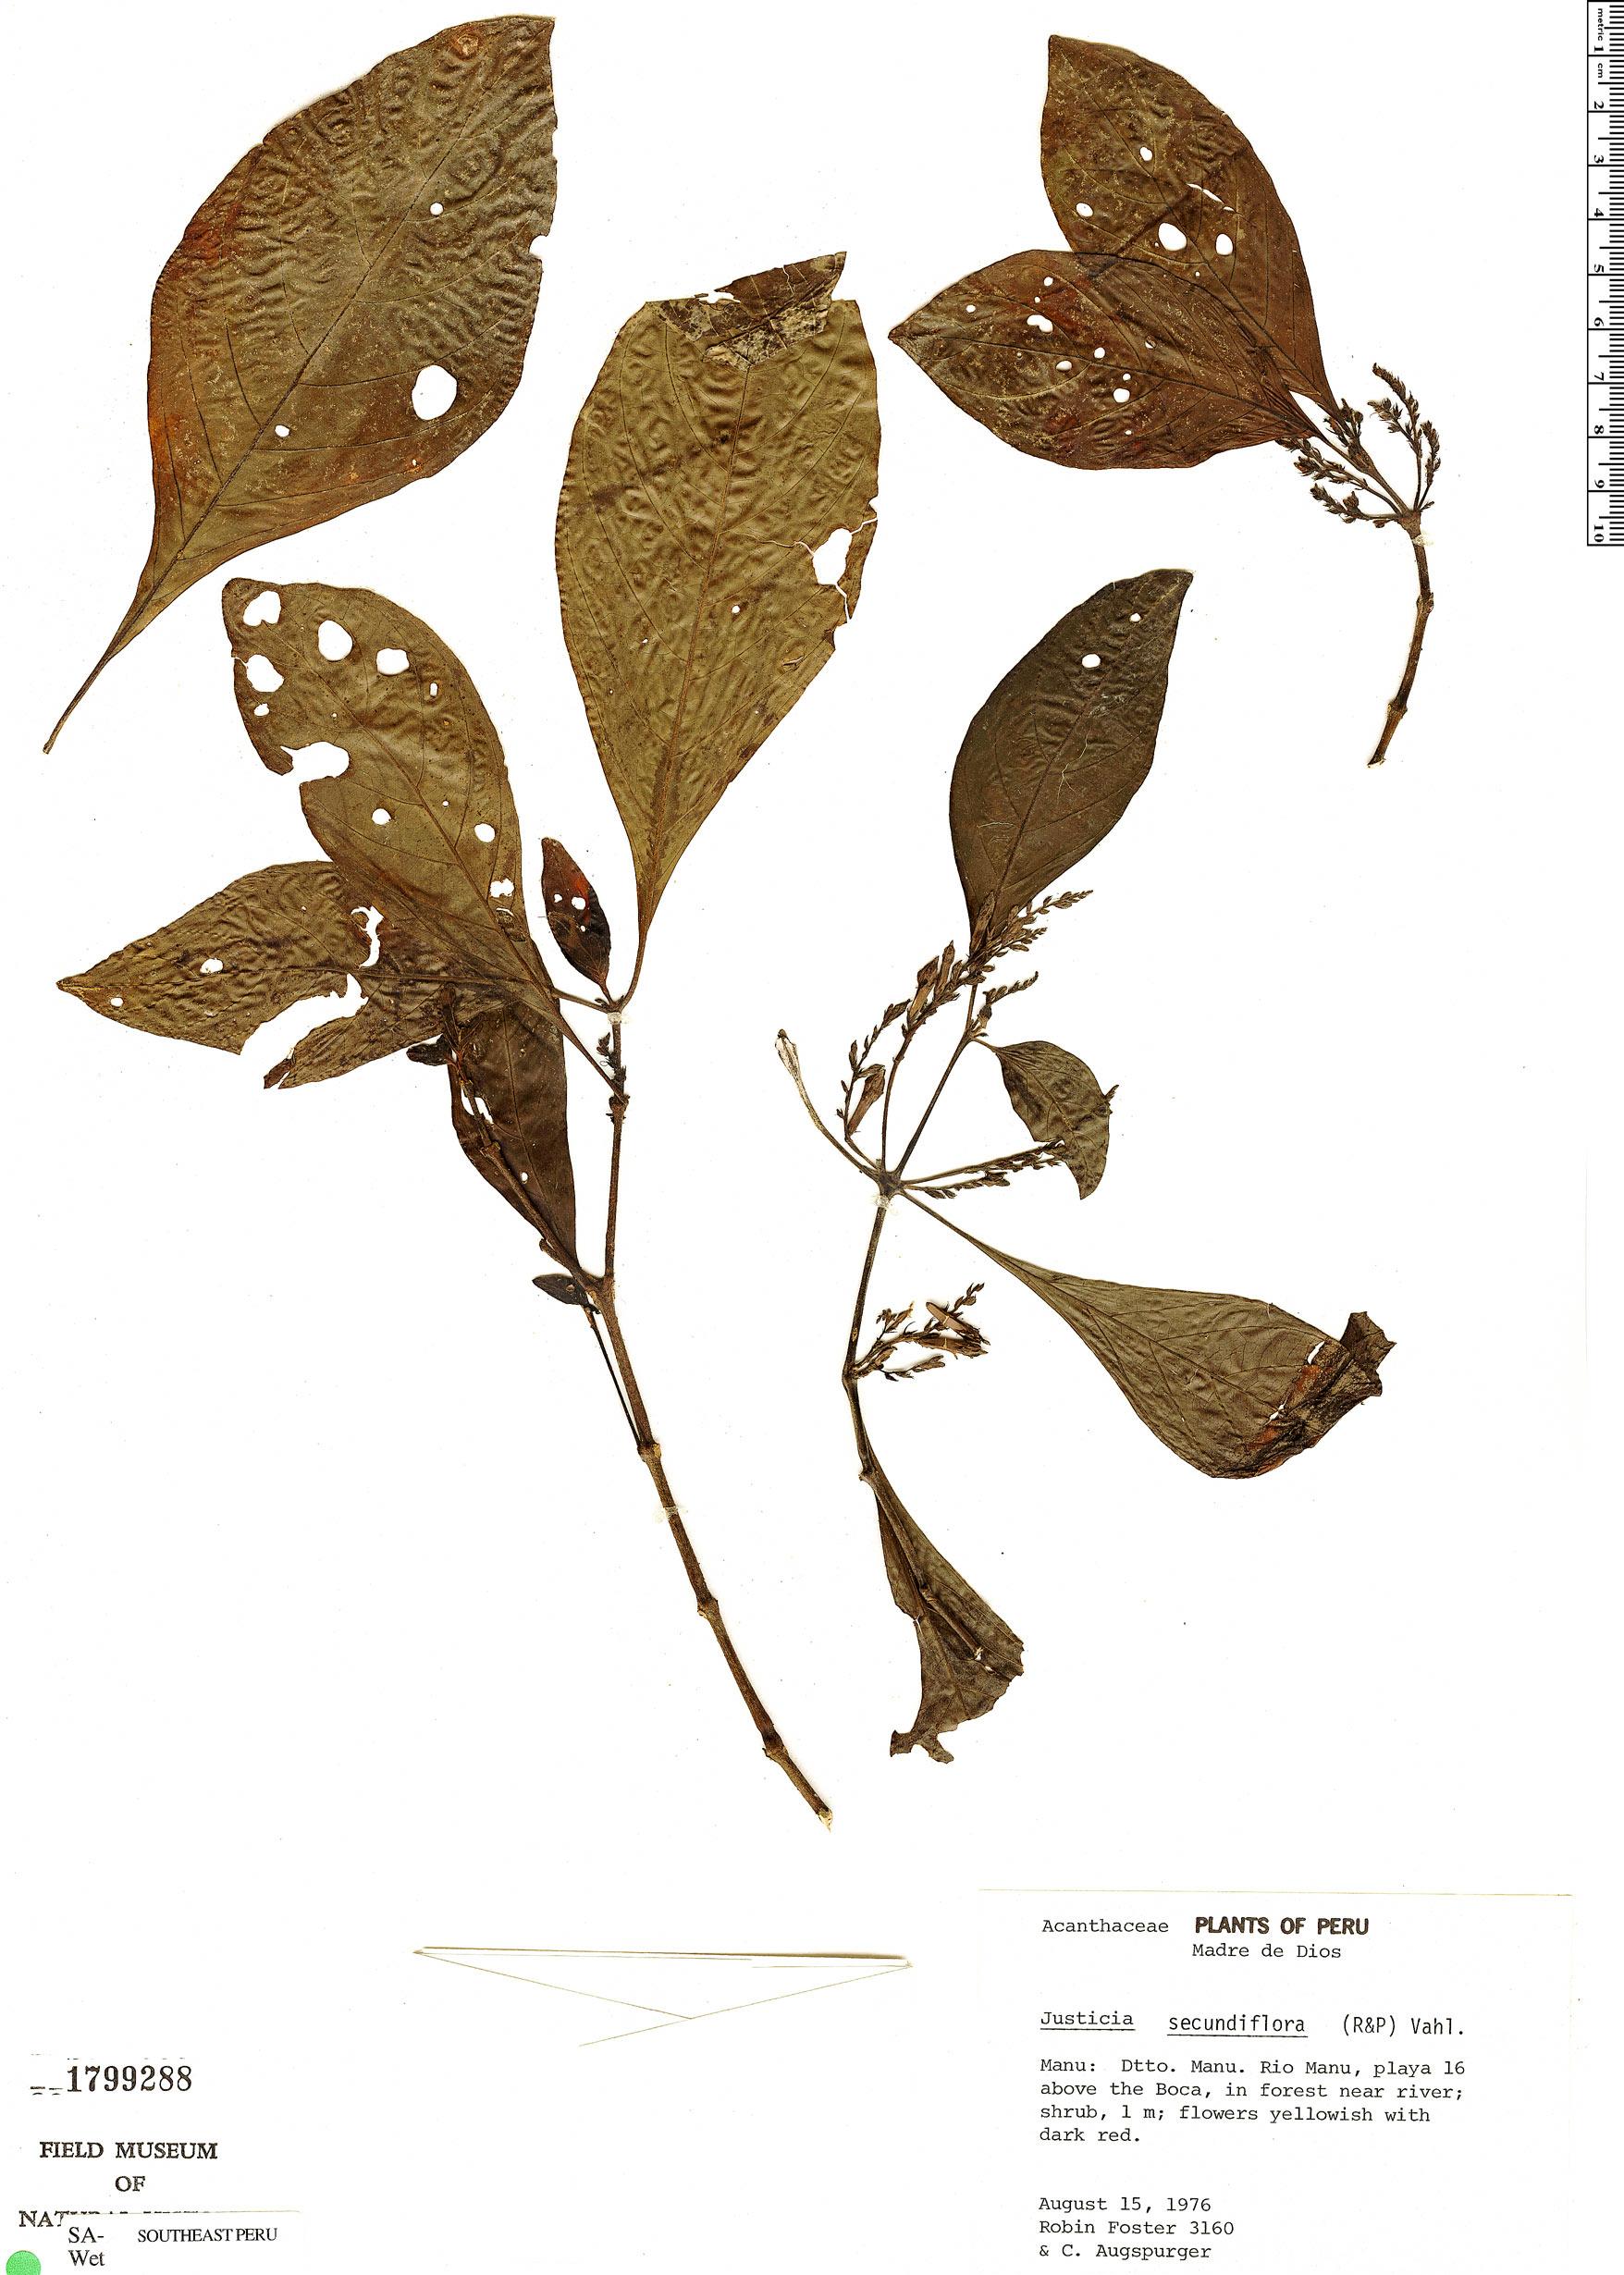 Specimen: Justicia secundiflora